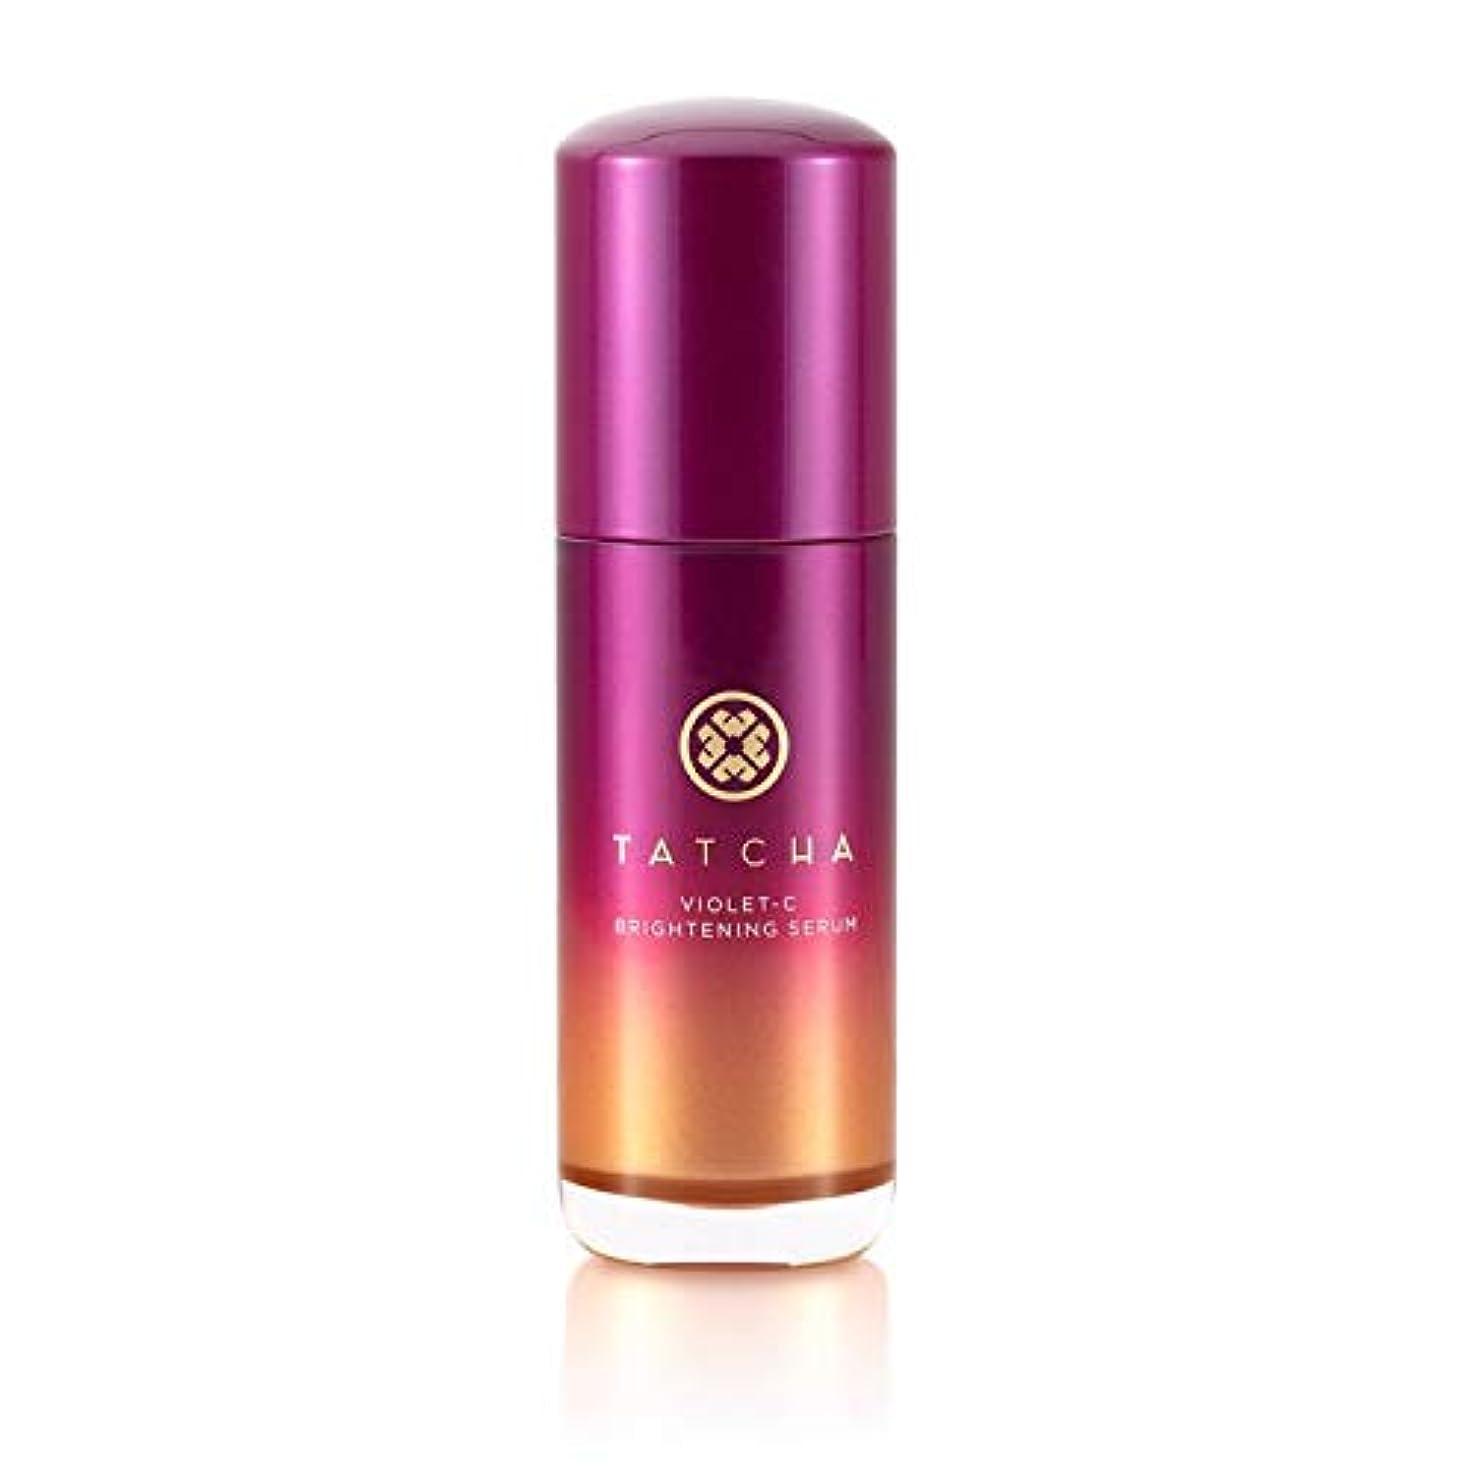 許さない相手委任TATCHA Violet-C Brightening Serum (20% Vitamin C + 10% AHA) タチャ バイオレットC ブライトニング セラム 美容液 30ml